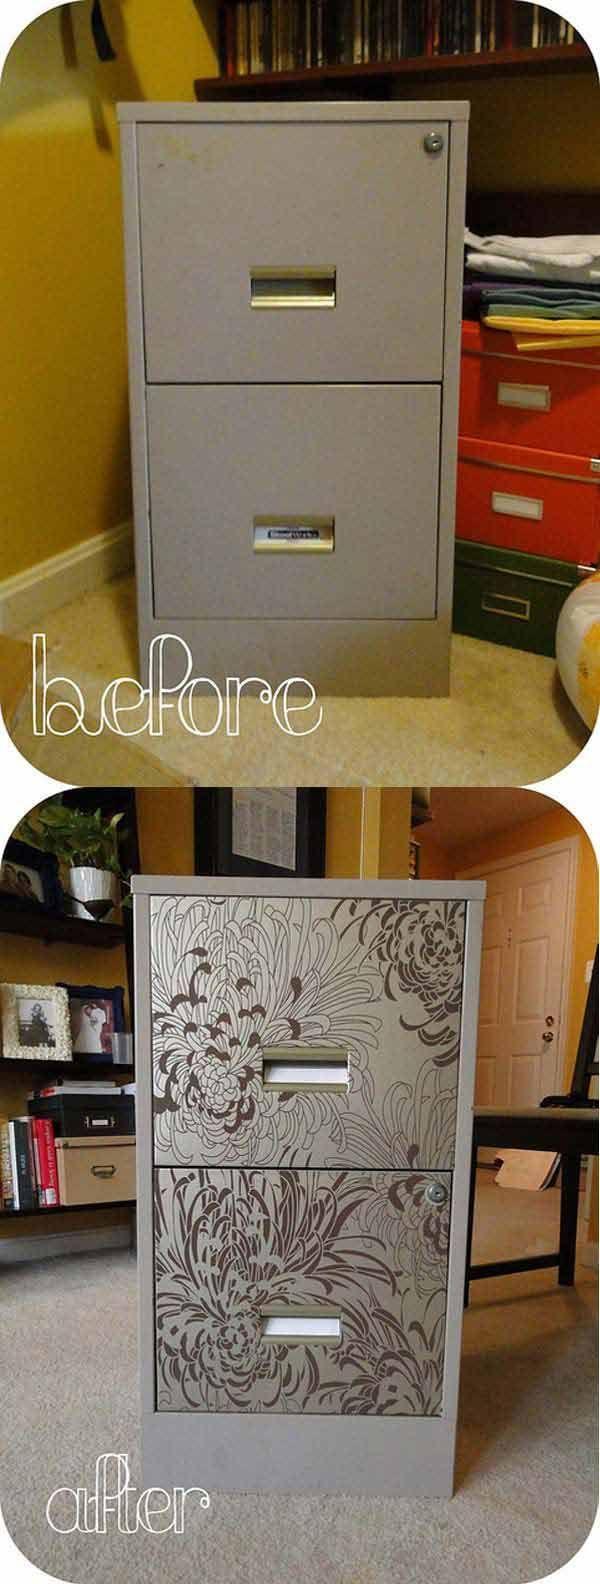 Avant - Après : 25 meubles relookés avec du papier peint - Des idées